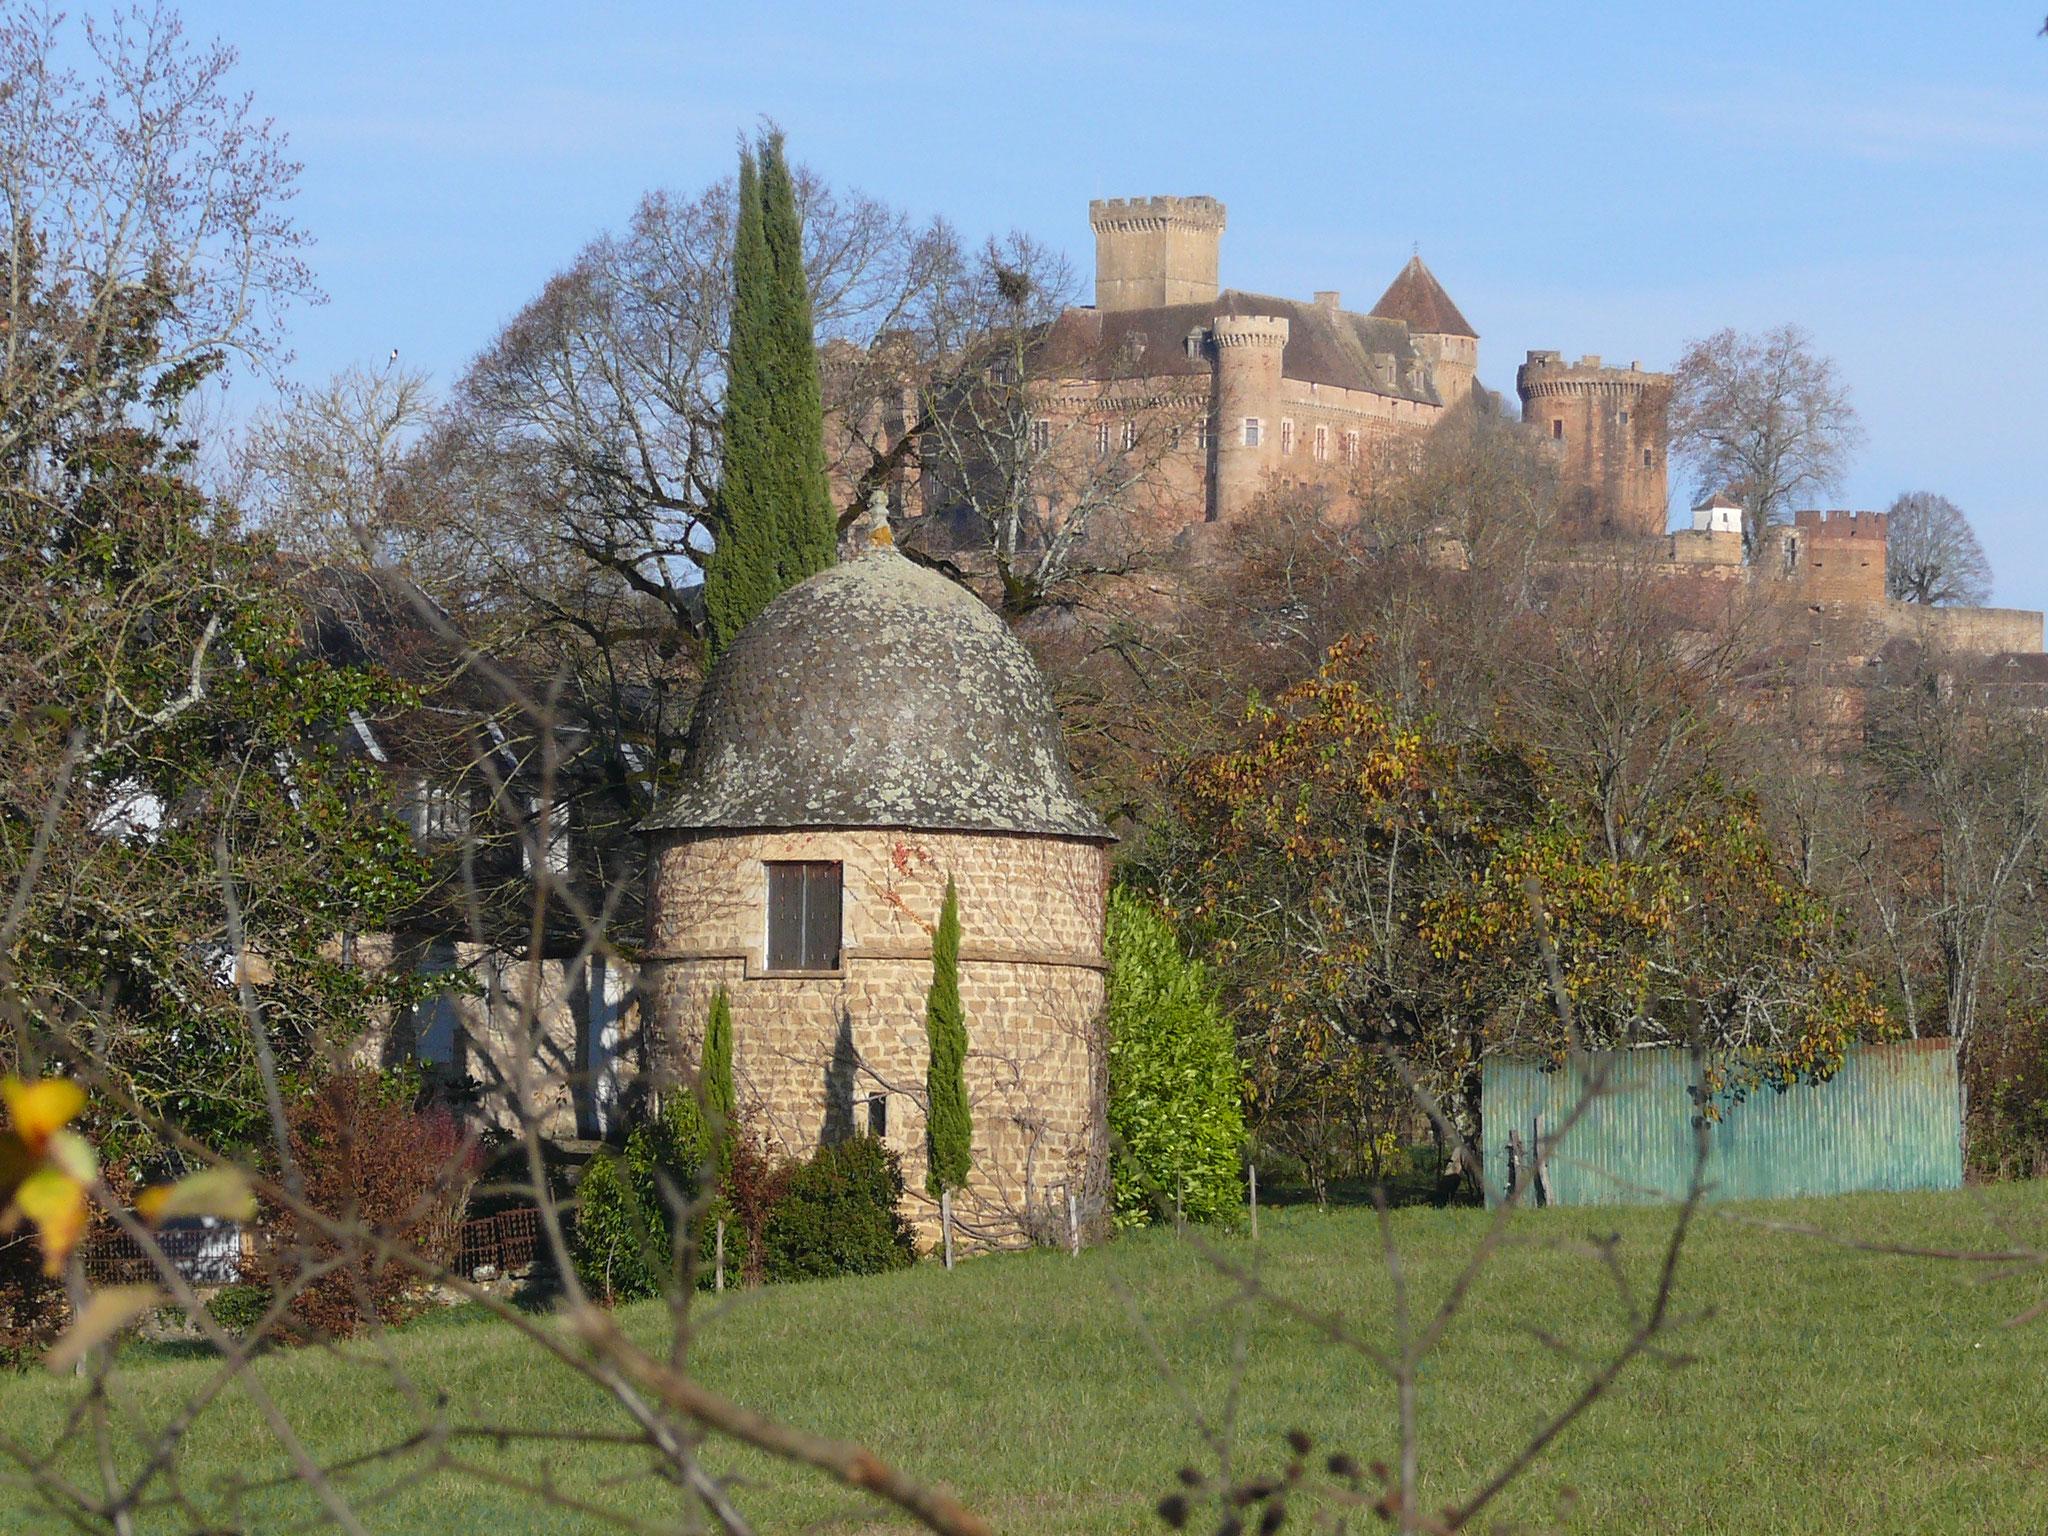 Belle vue sur le château de Castelnau depuis le village de Malbec